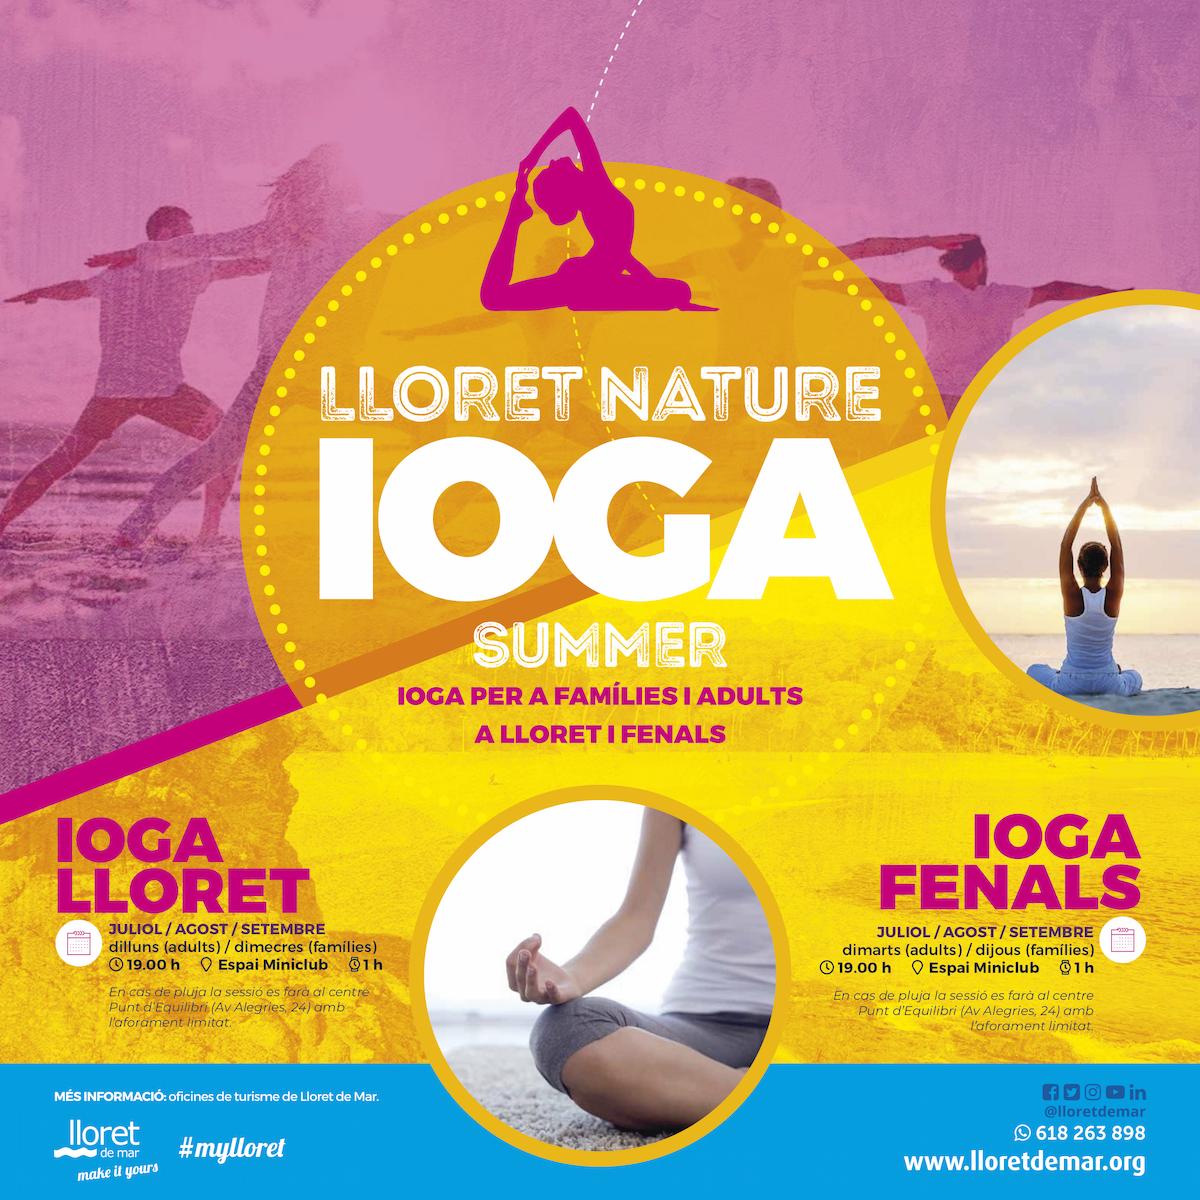 lloret nature summer monogràfics - IOGA